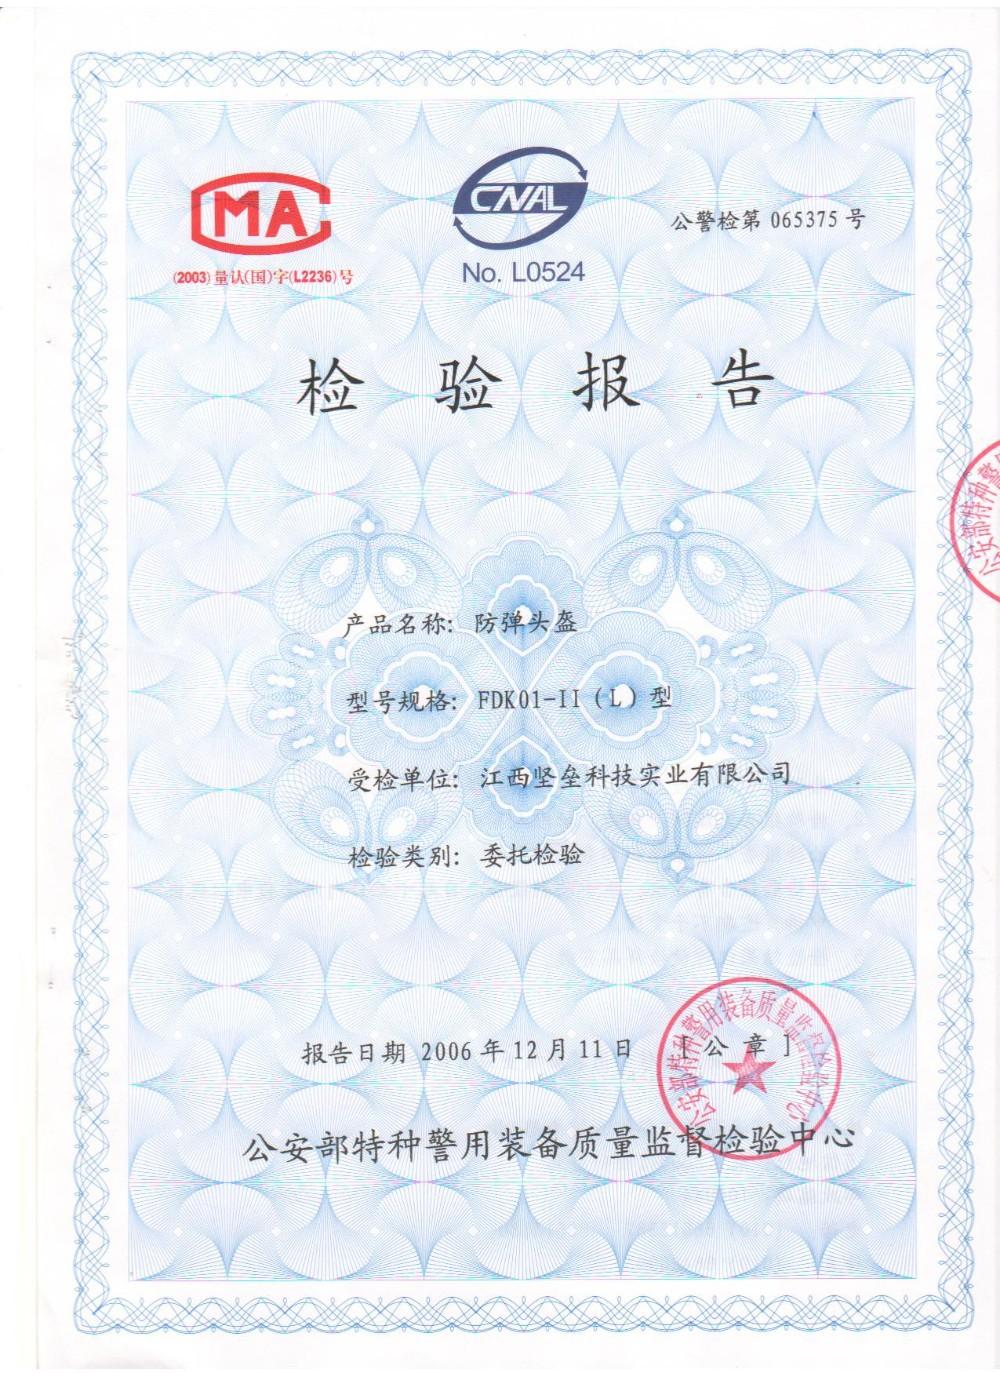 China nij iiia Suppliers